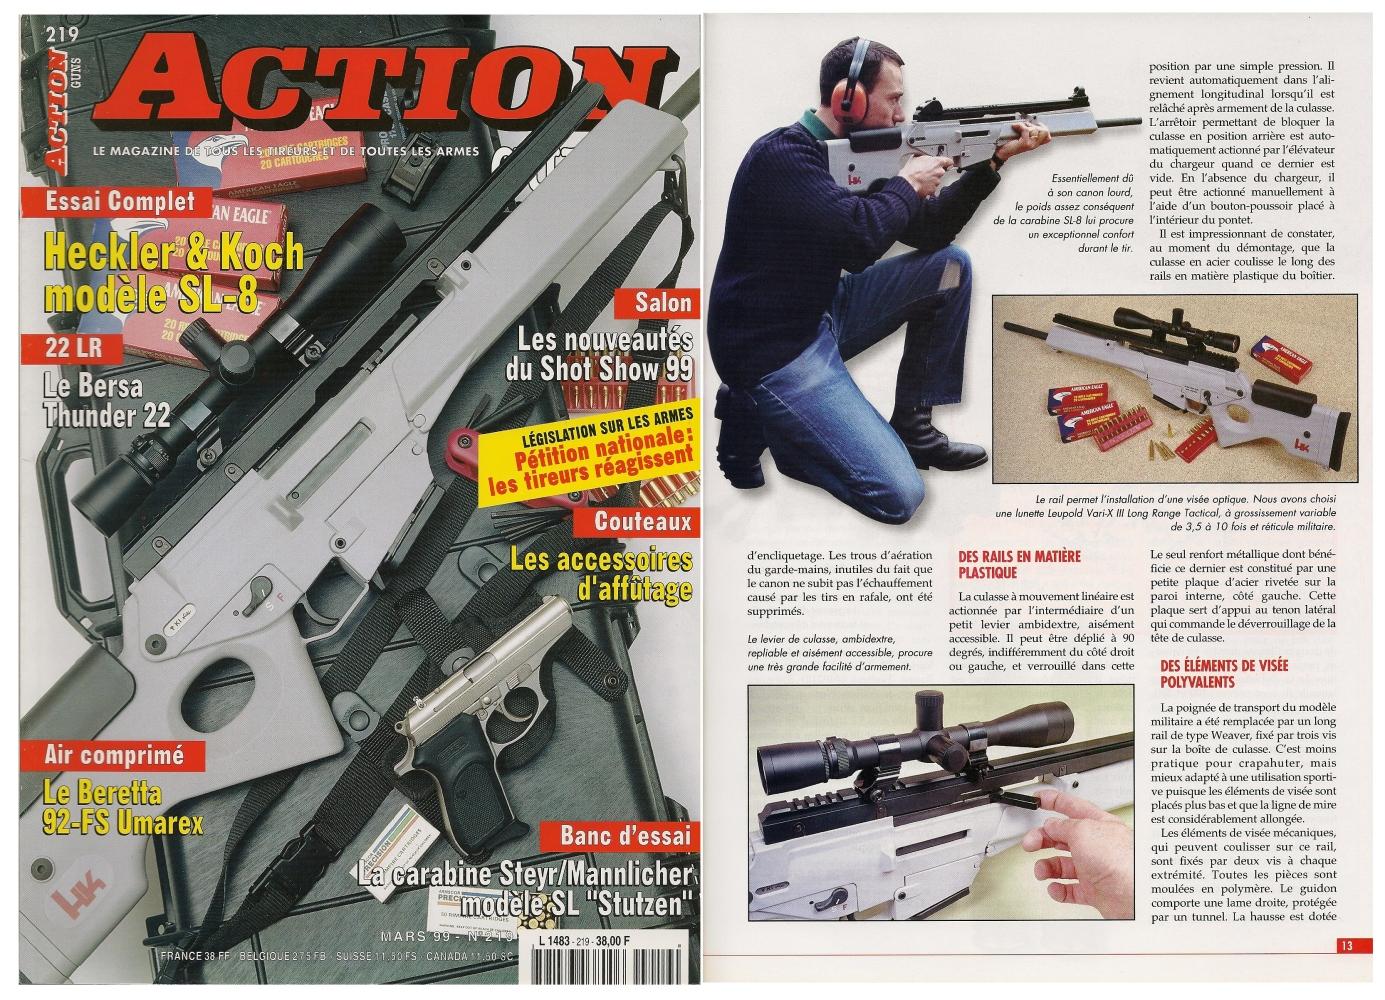 Le banc d'essai du Heckler & Koch modèle SL-8 en calibre .223 Remington a été publié sur 8 pages dans le magazine Action Guns n°219 (mars 1999)